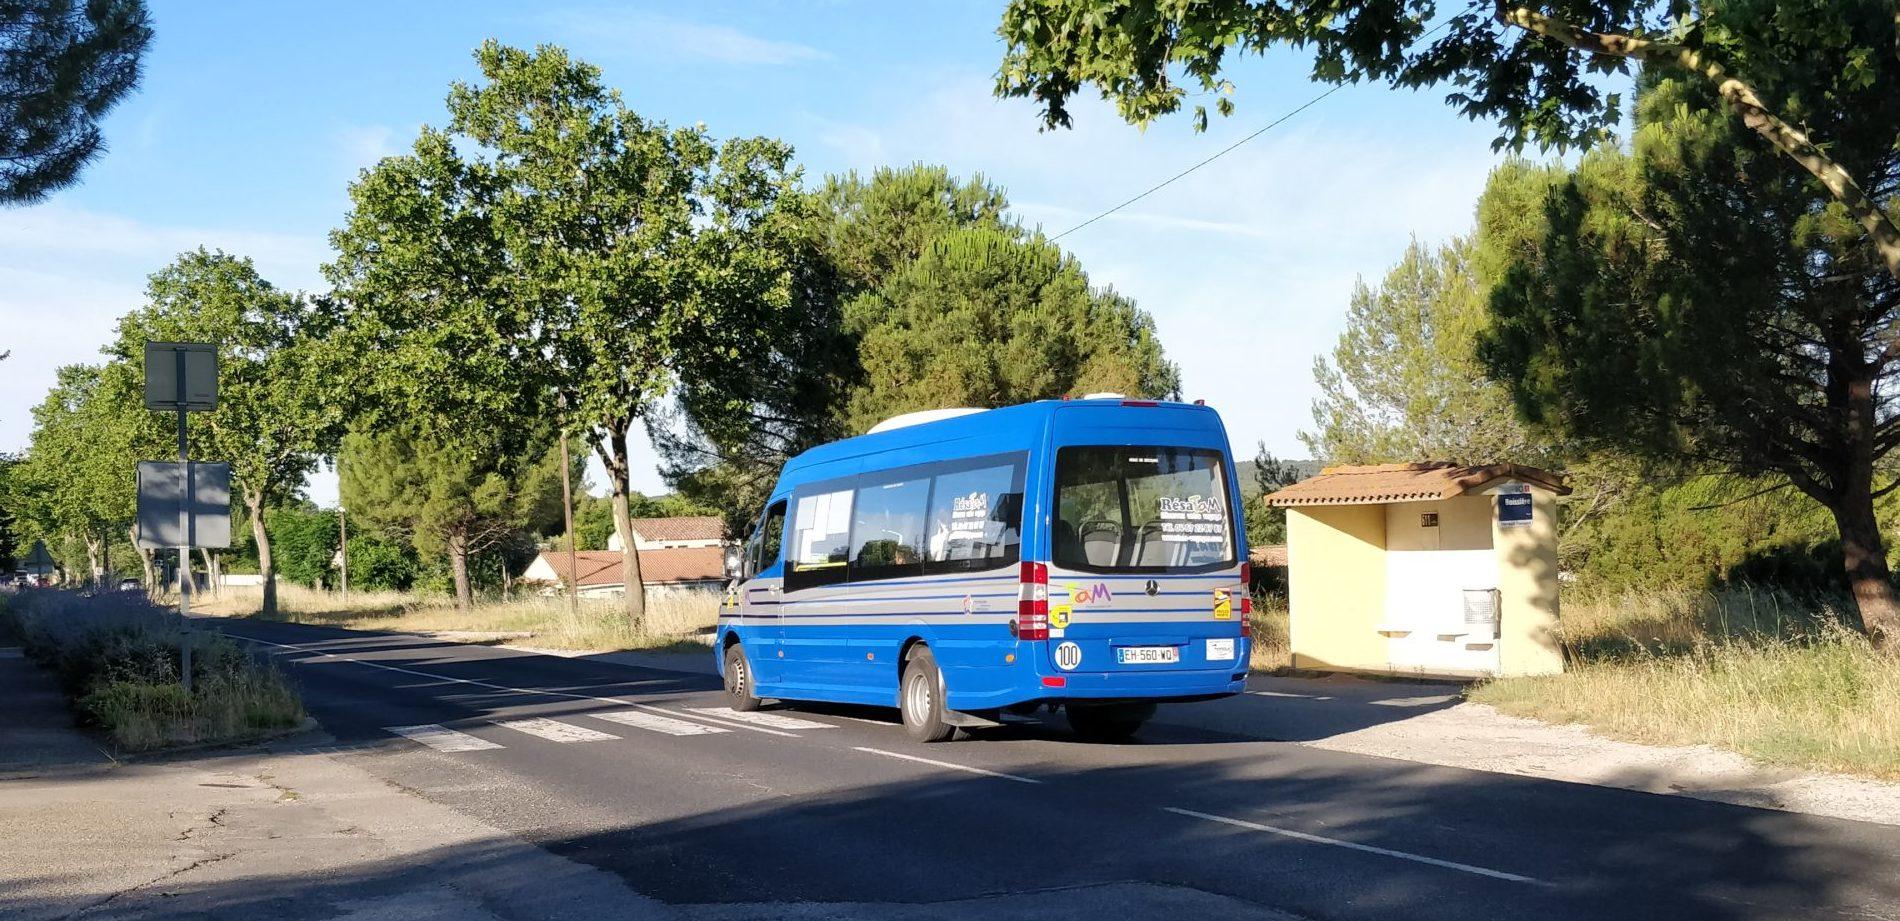 """L'arrêt """"La Boissière"""" à Teyran. Photo : Christophe Colrat"""